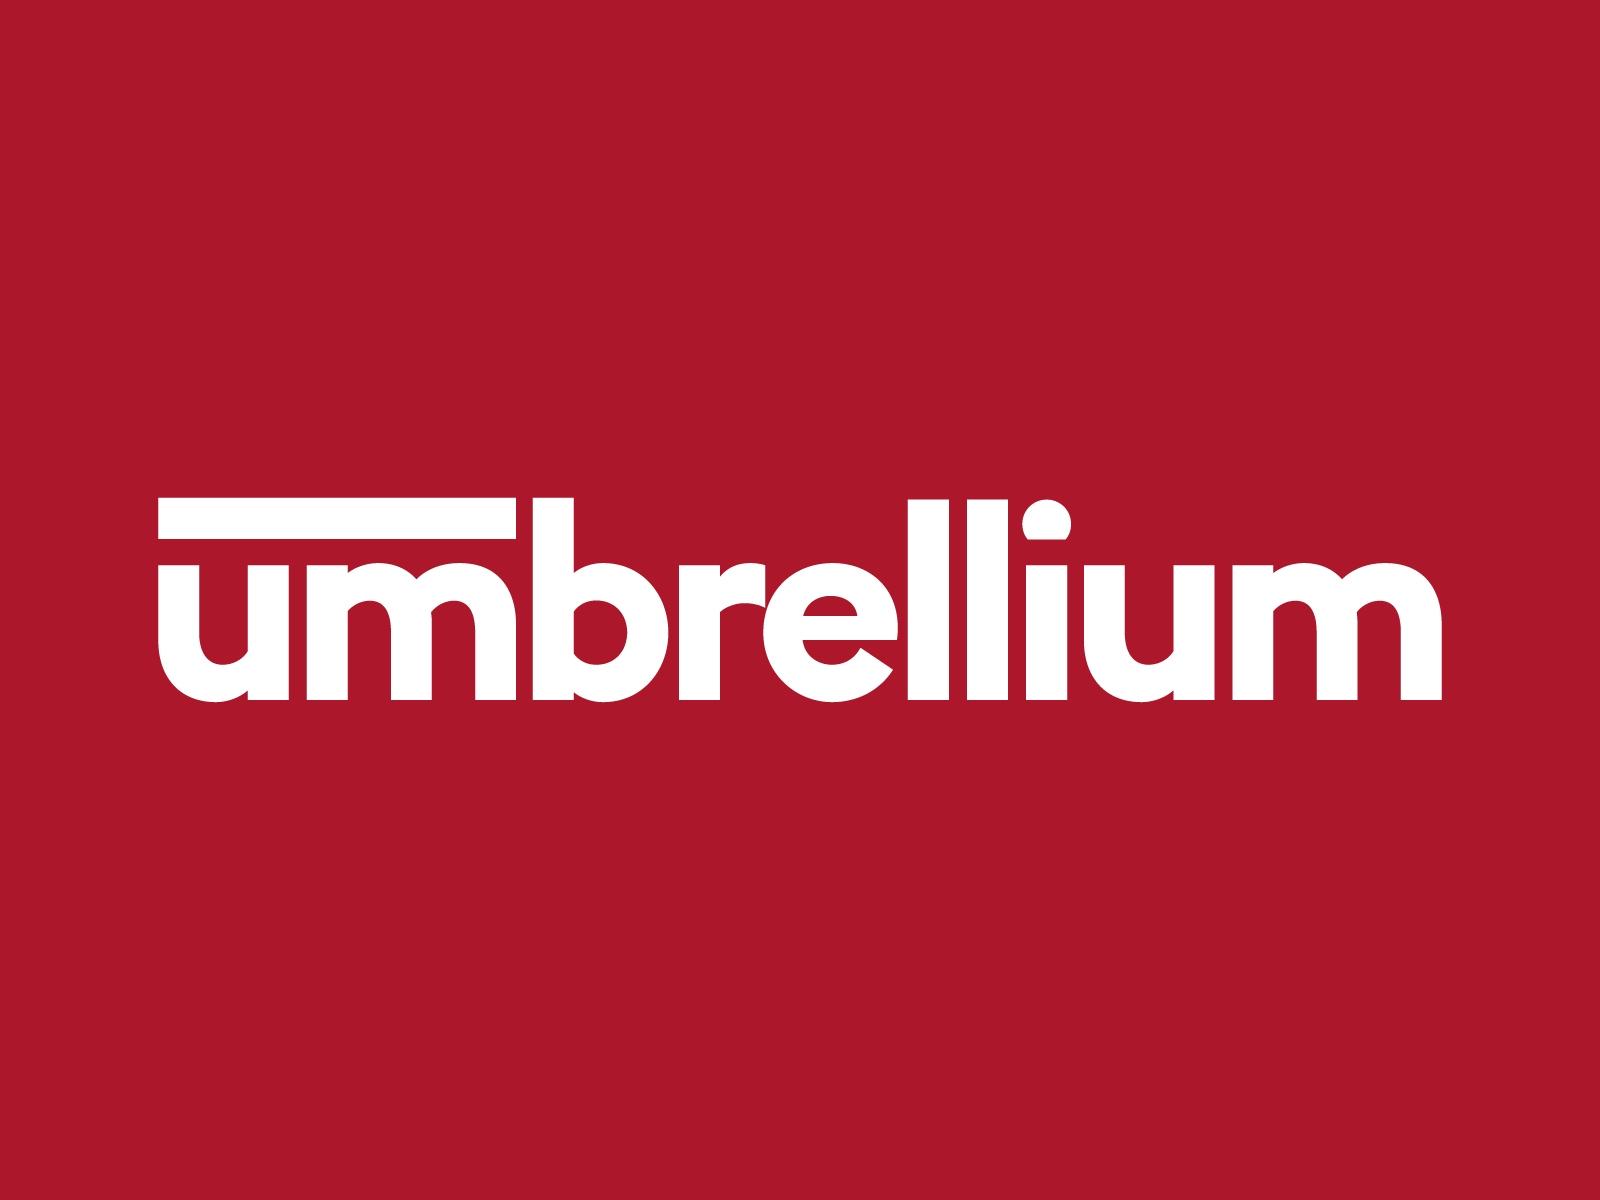 logotype-red.jpg